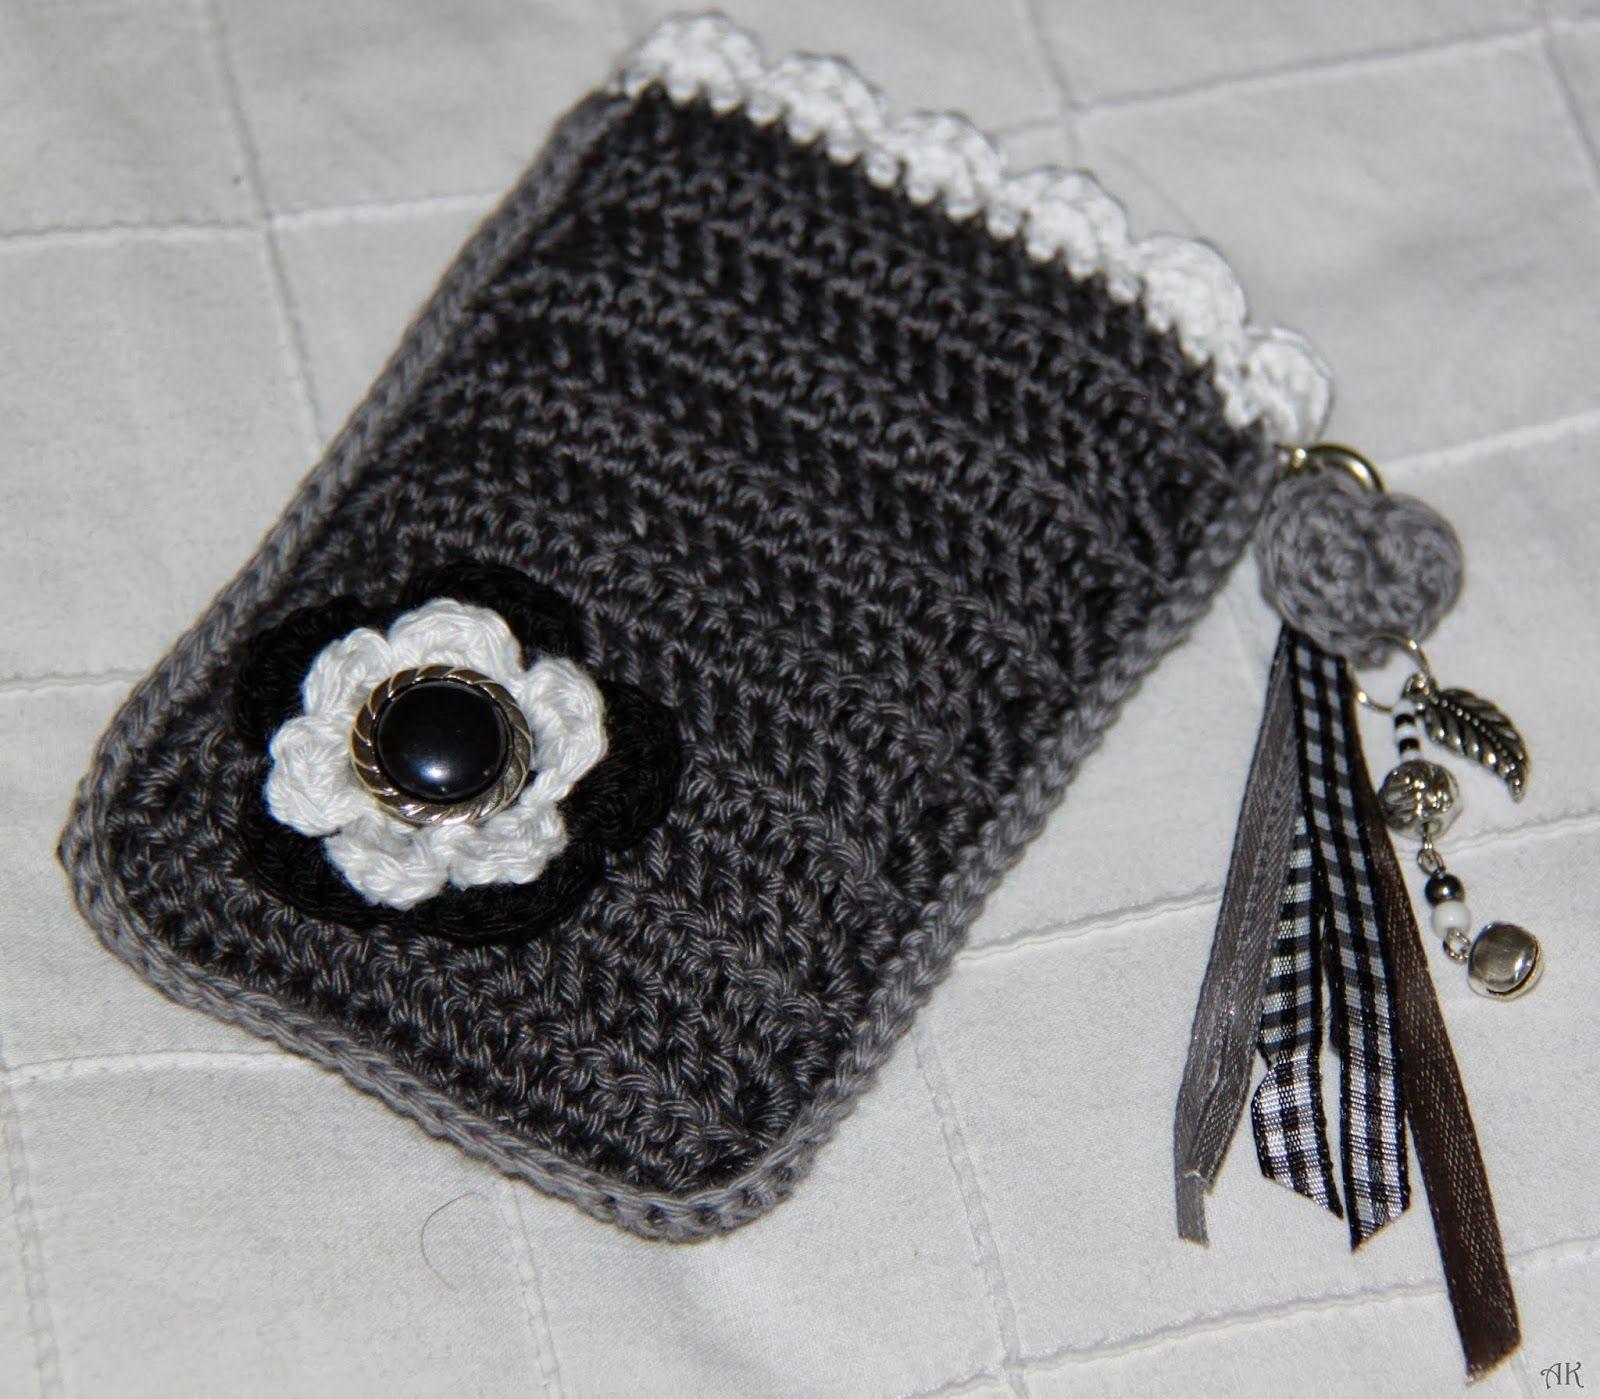 Crochet akathome.blogspot.nl   Crocheted item, Crochet